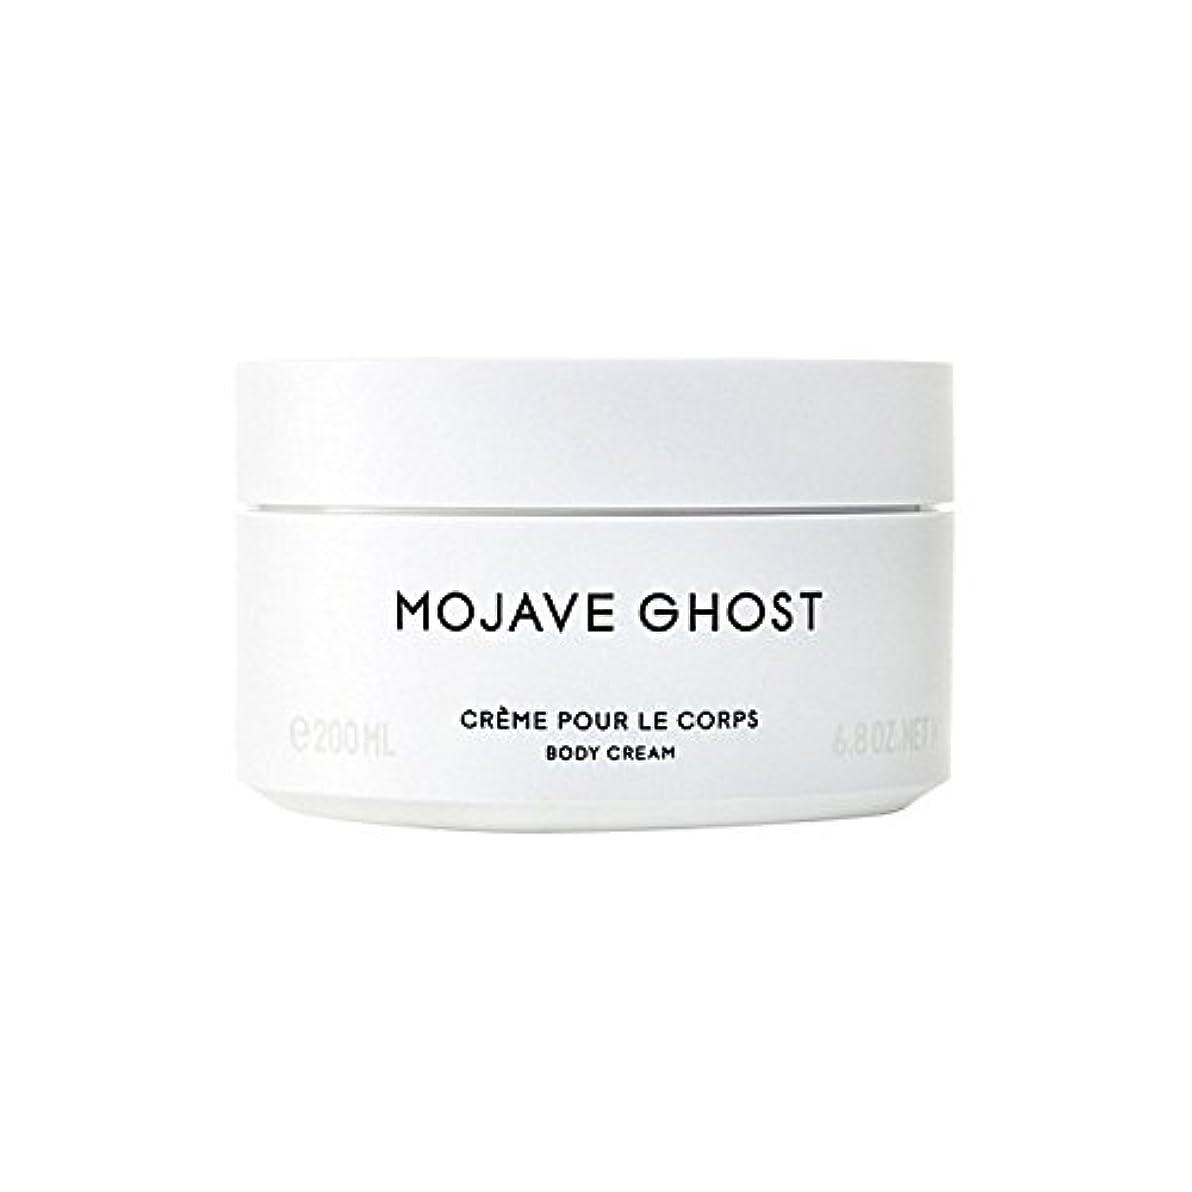 ゴネリル校長グローバルByredo Mojave Ghost Body Cream 200ml - モハーベゴーストボディクリーム200ミリリットル [並行輸入品]